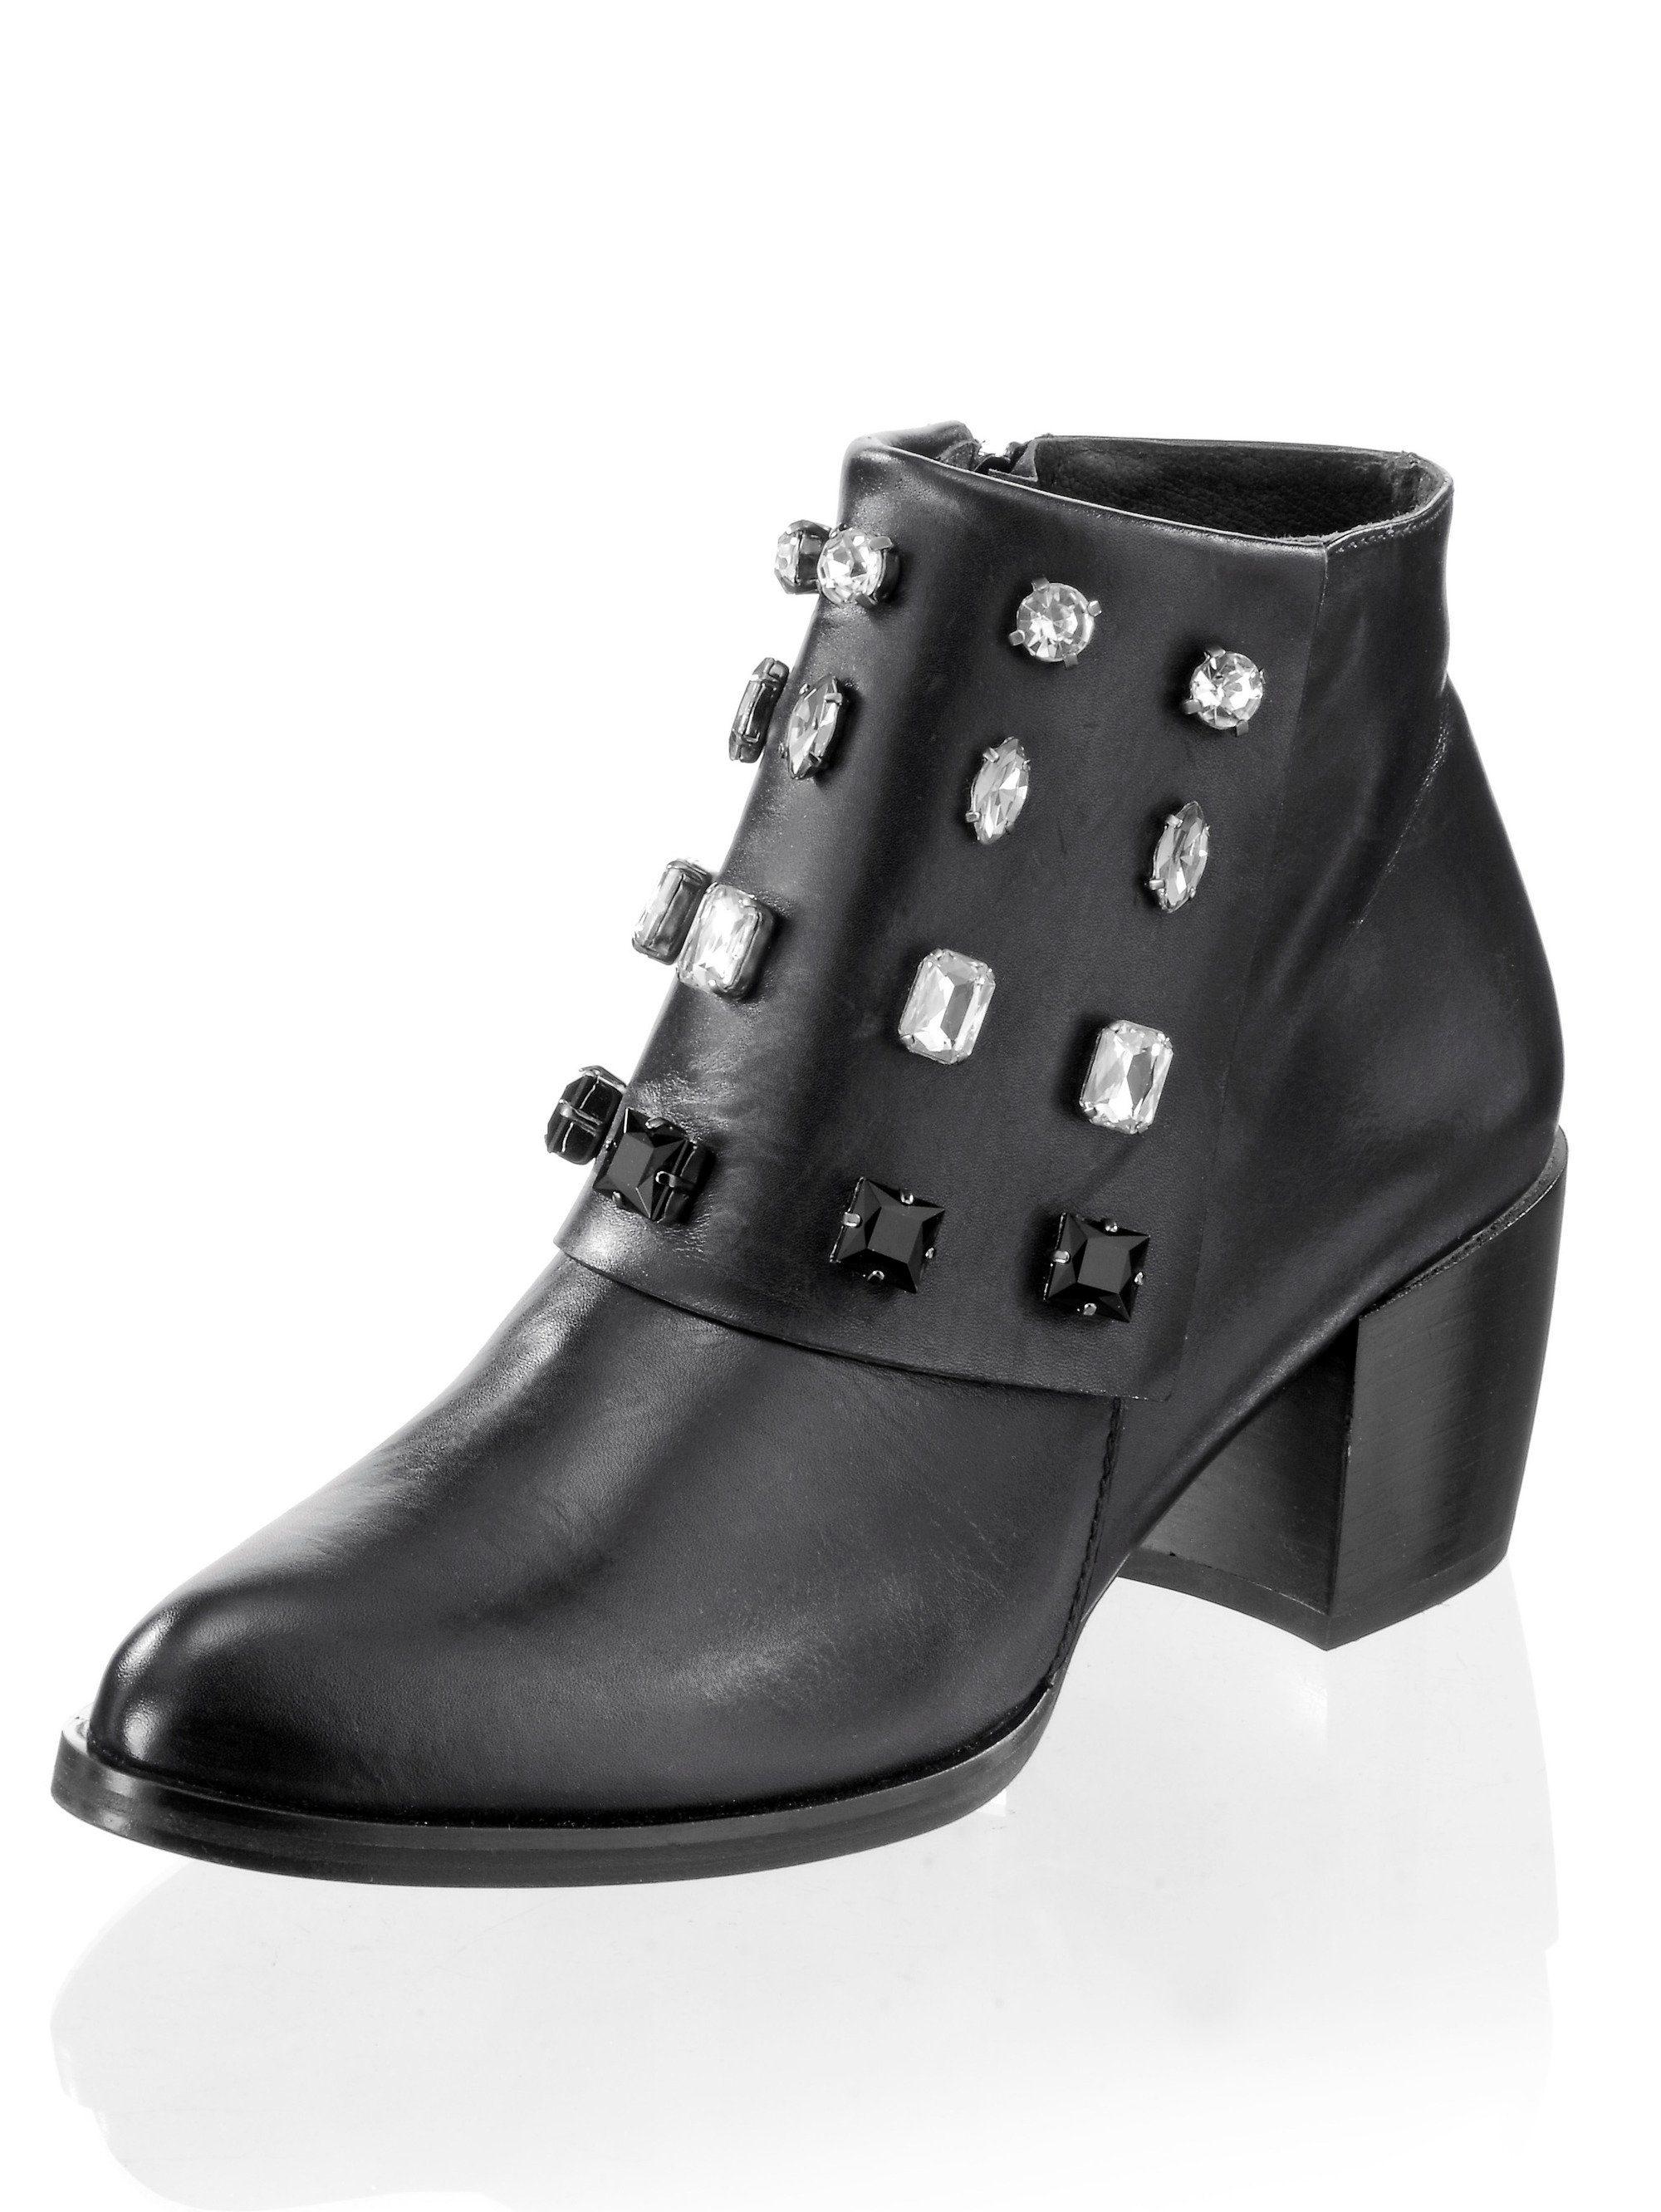 Alba Moda Stiefelette mit glänzenden Schmucksteinen online kaufen  schwarz